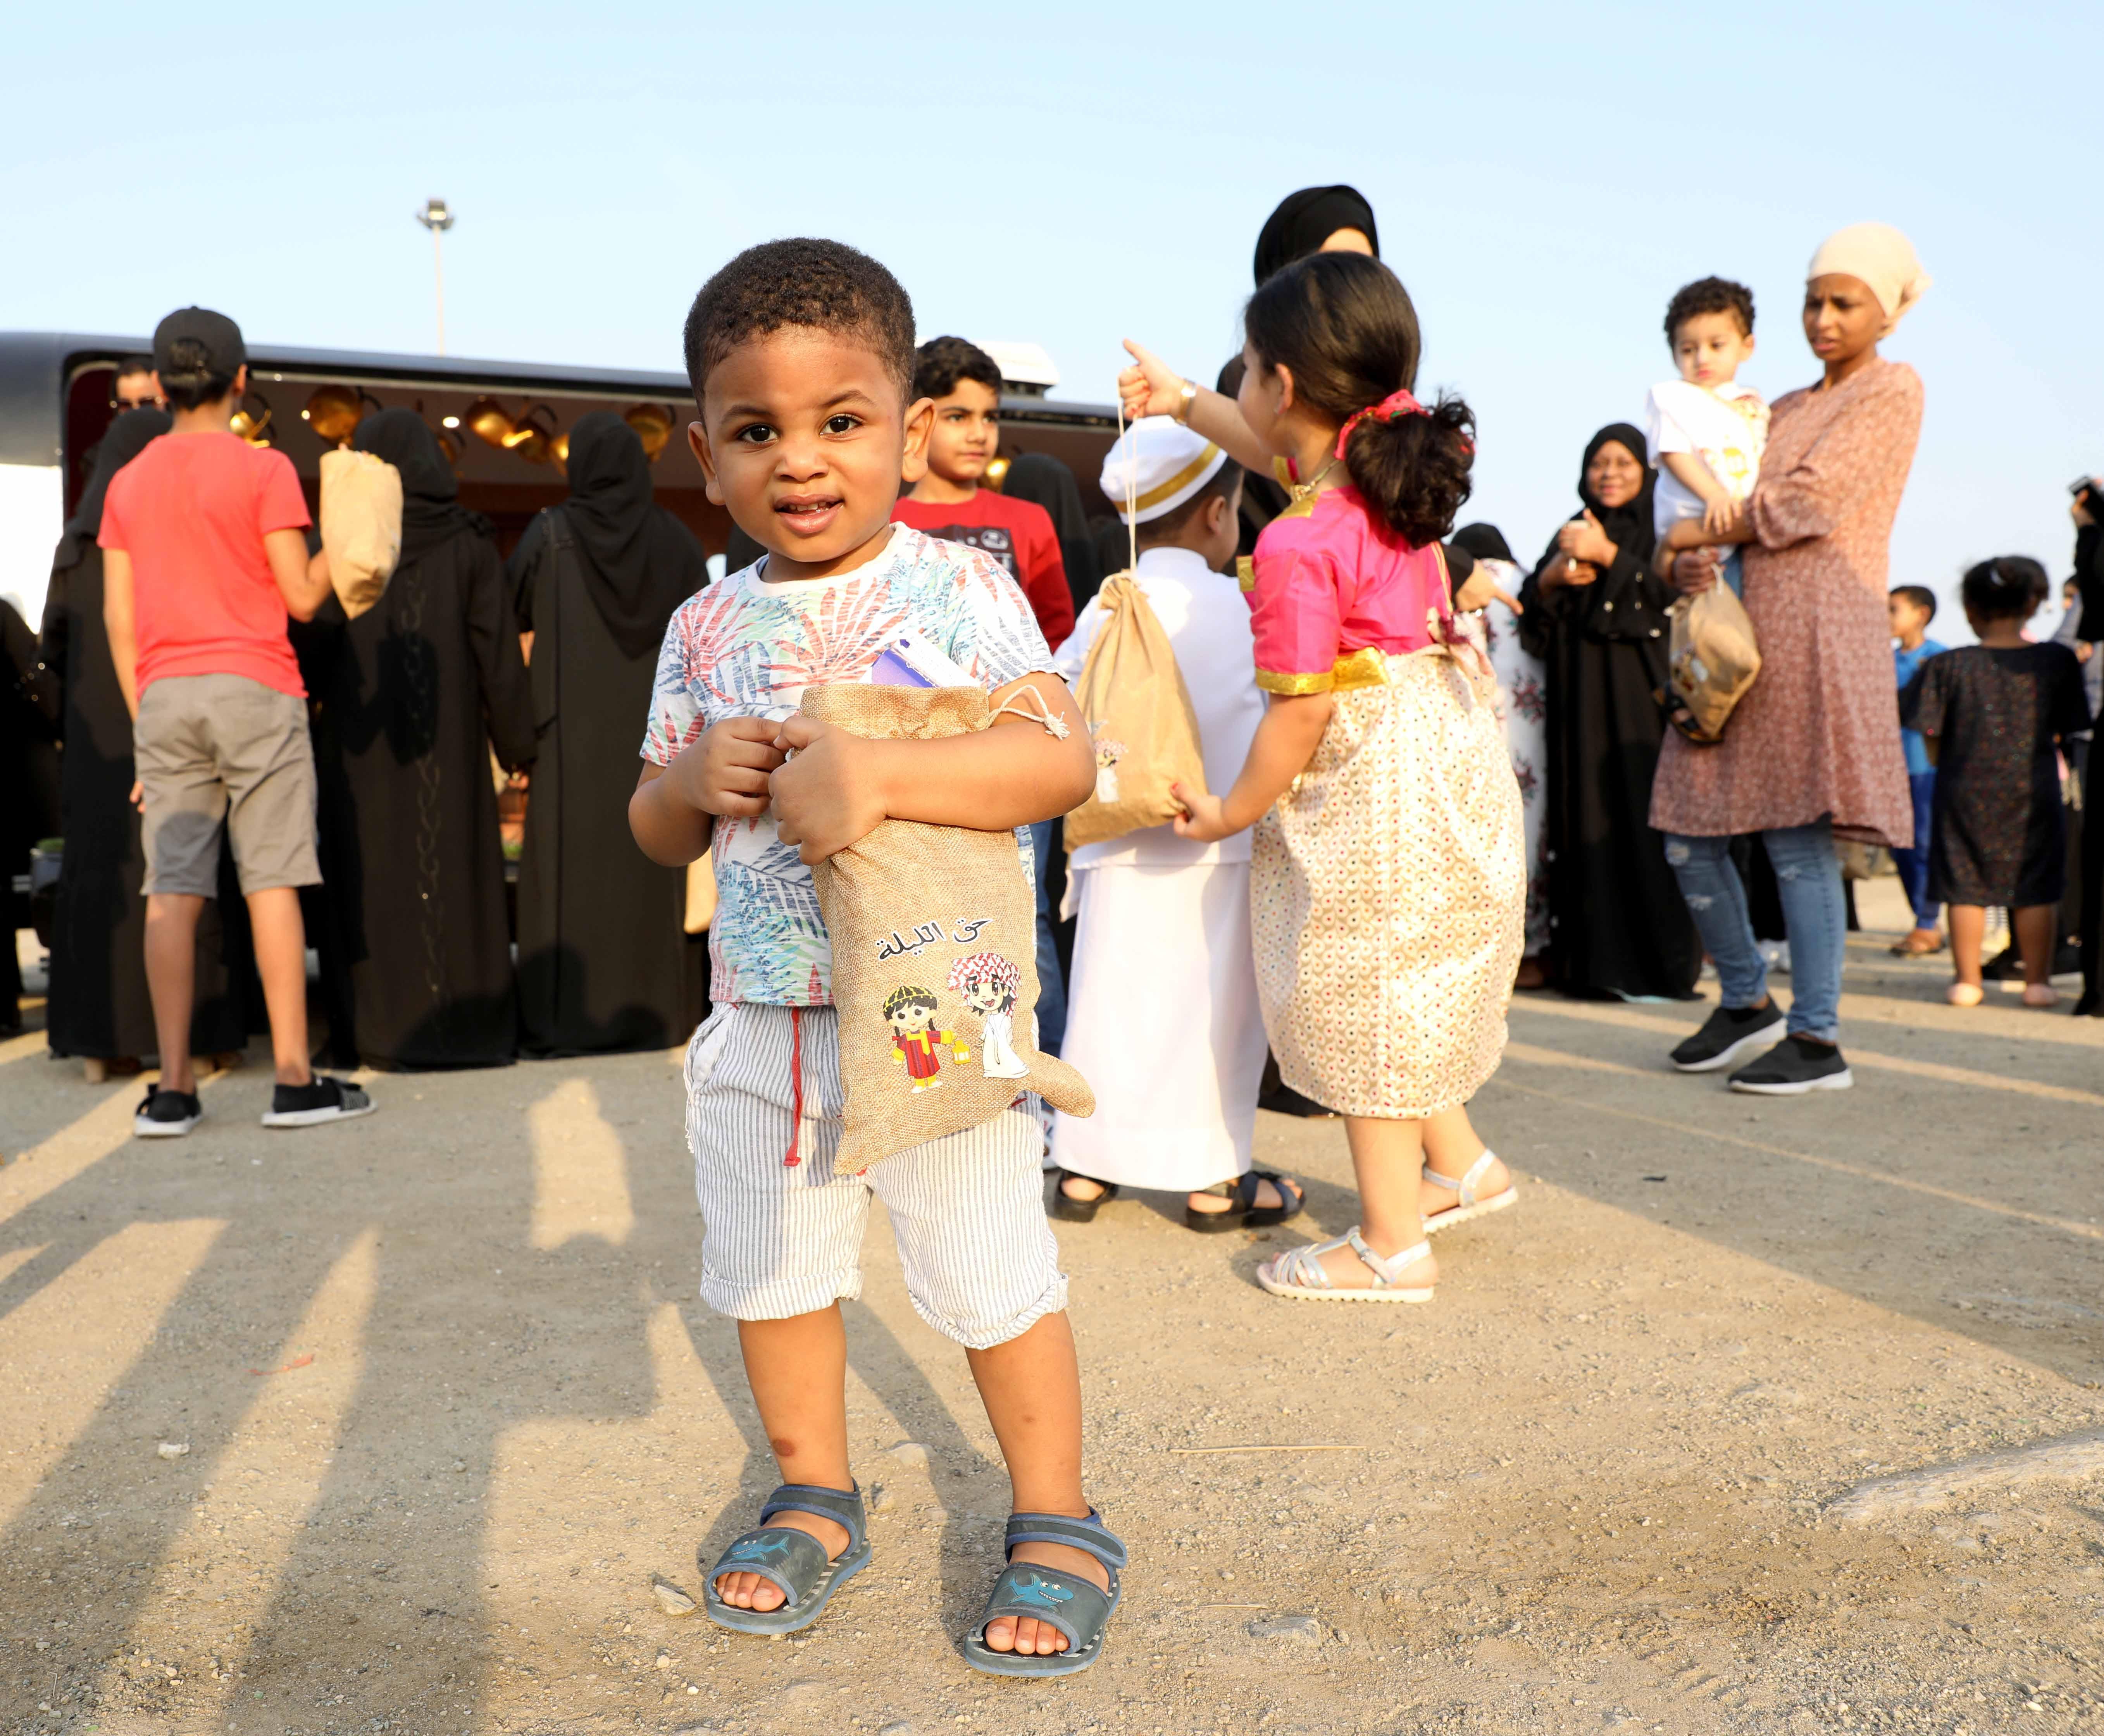 قافلة النصف من شعبان تحتفى بالتراث الشعبى وتجوب الإمارات (7)